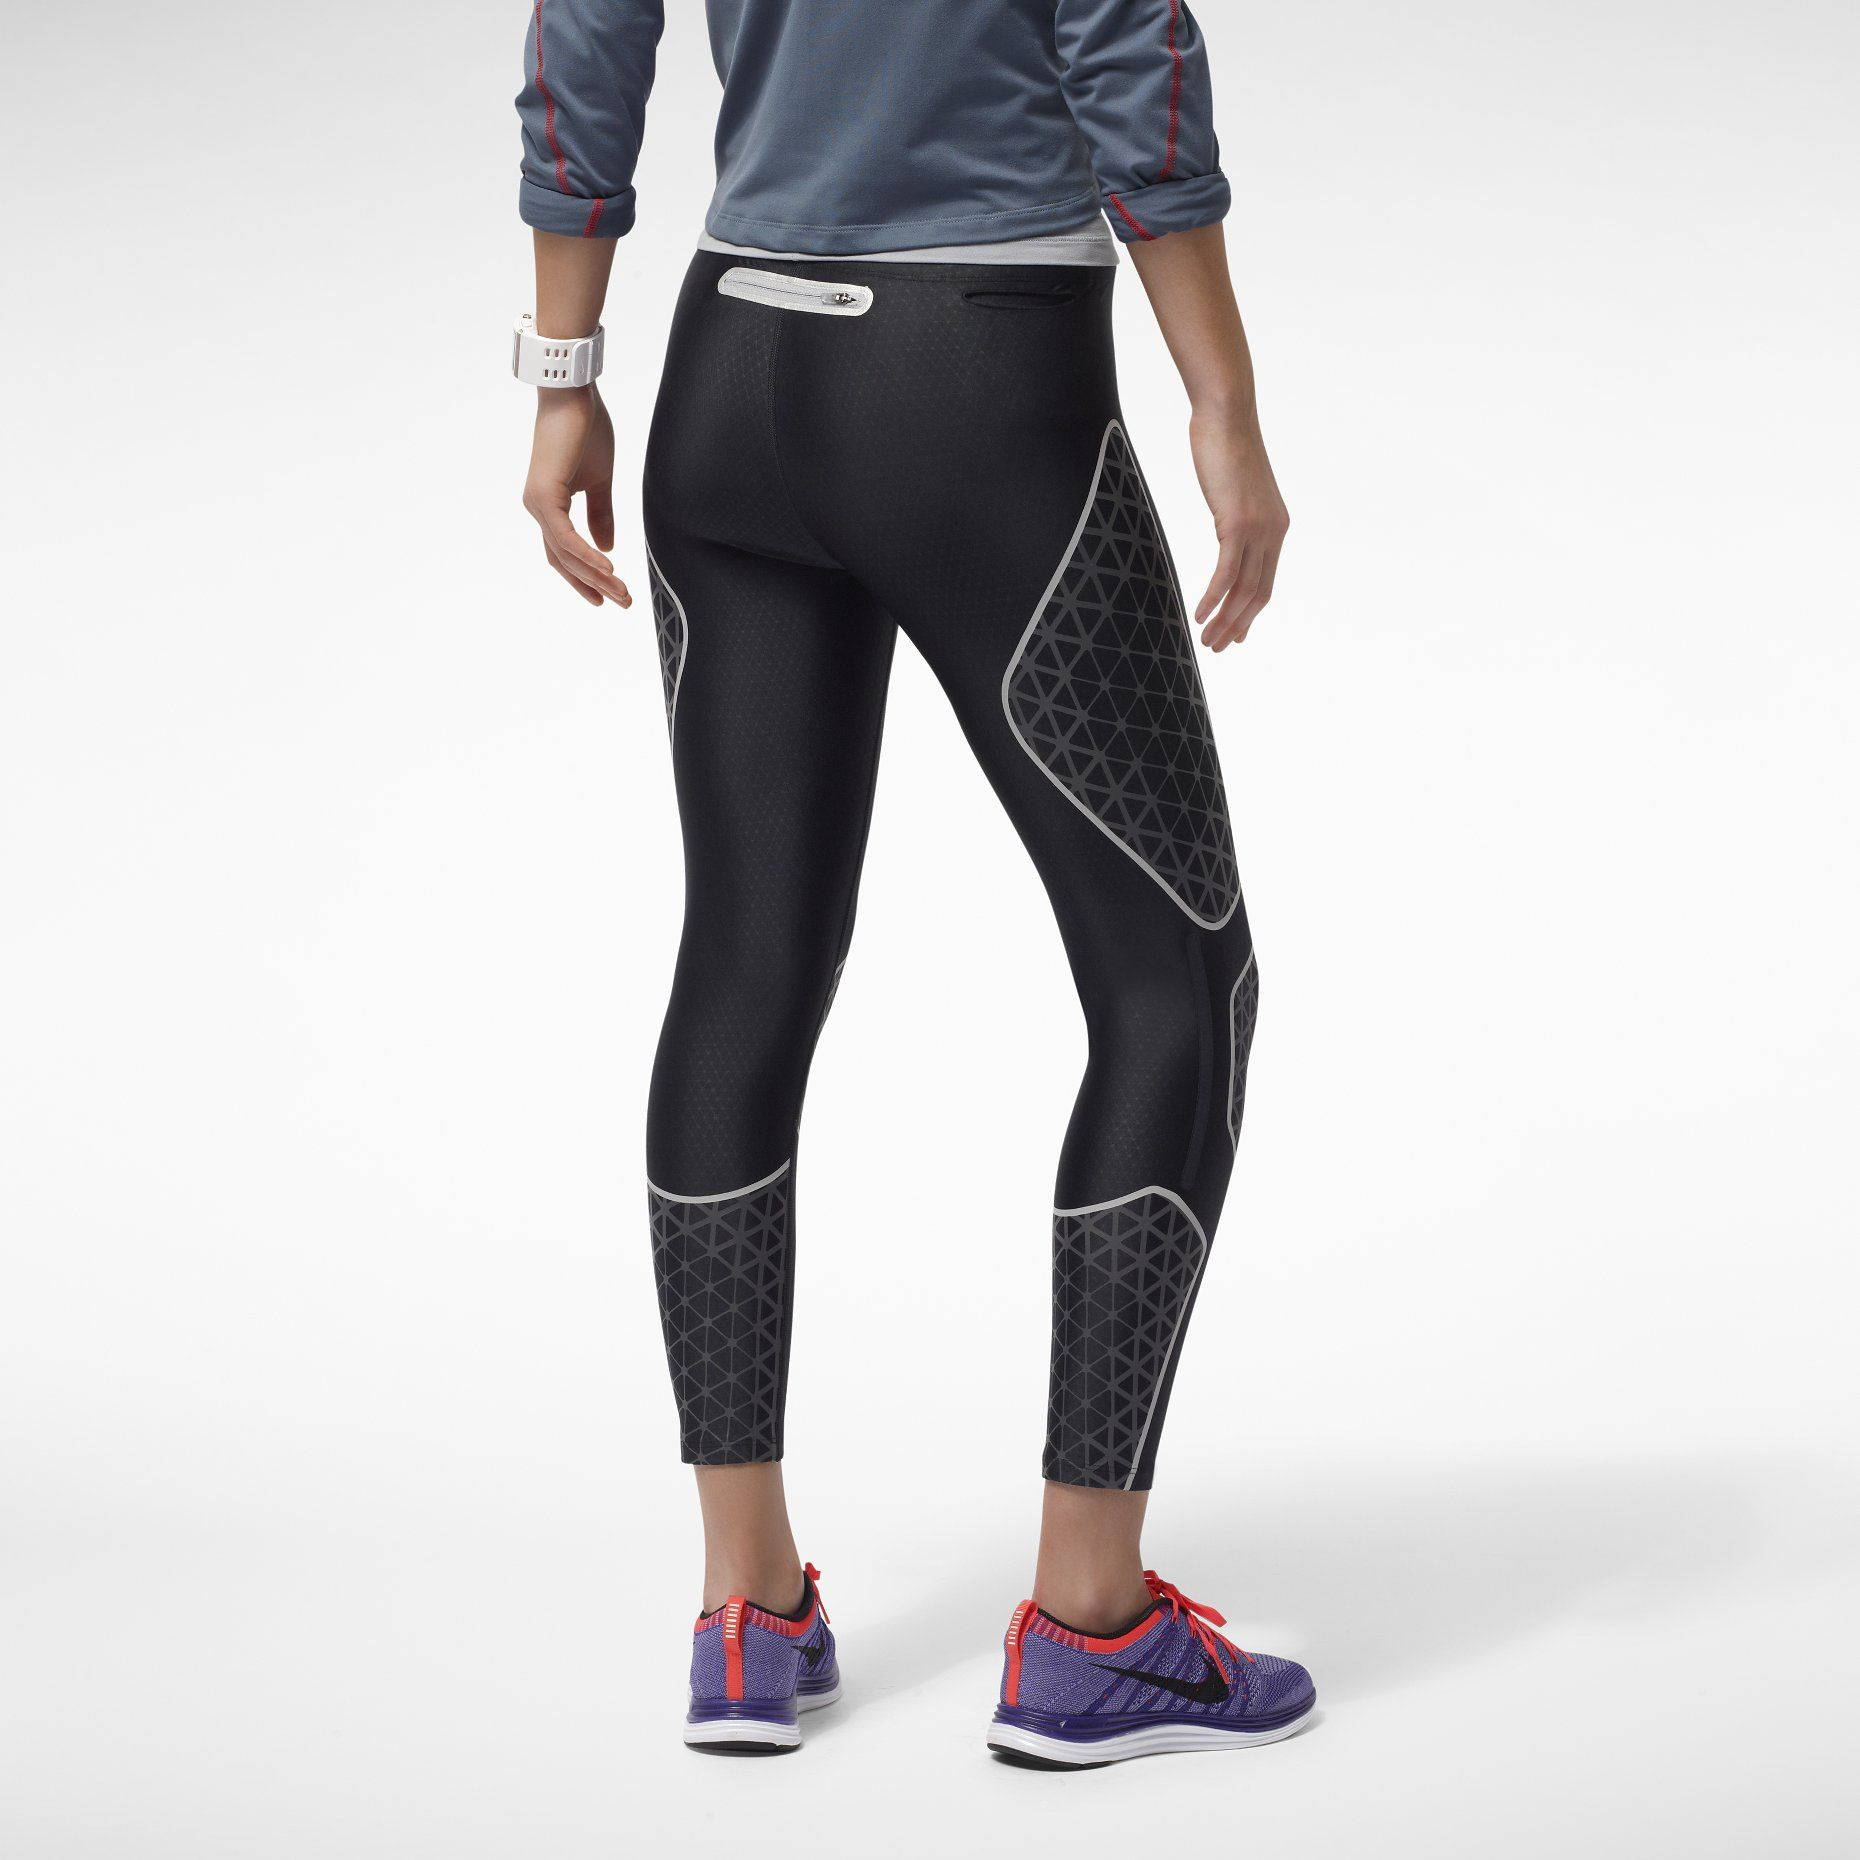 StoreNike CaprisNike Women's Swift Swift Nike Running Yfg76by